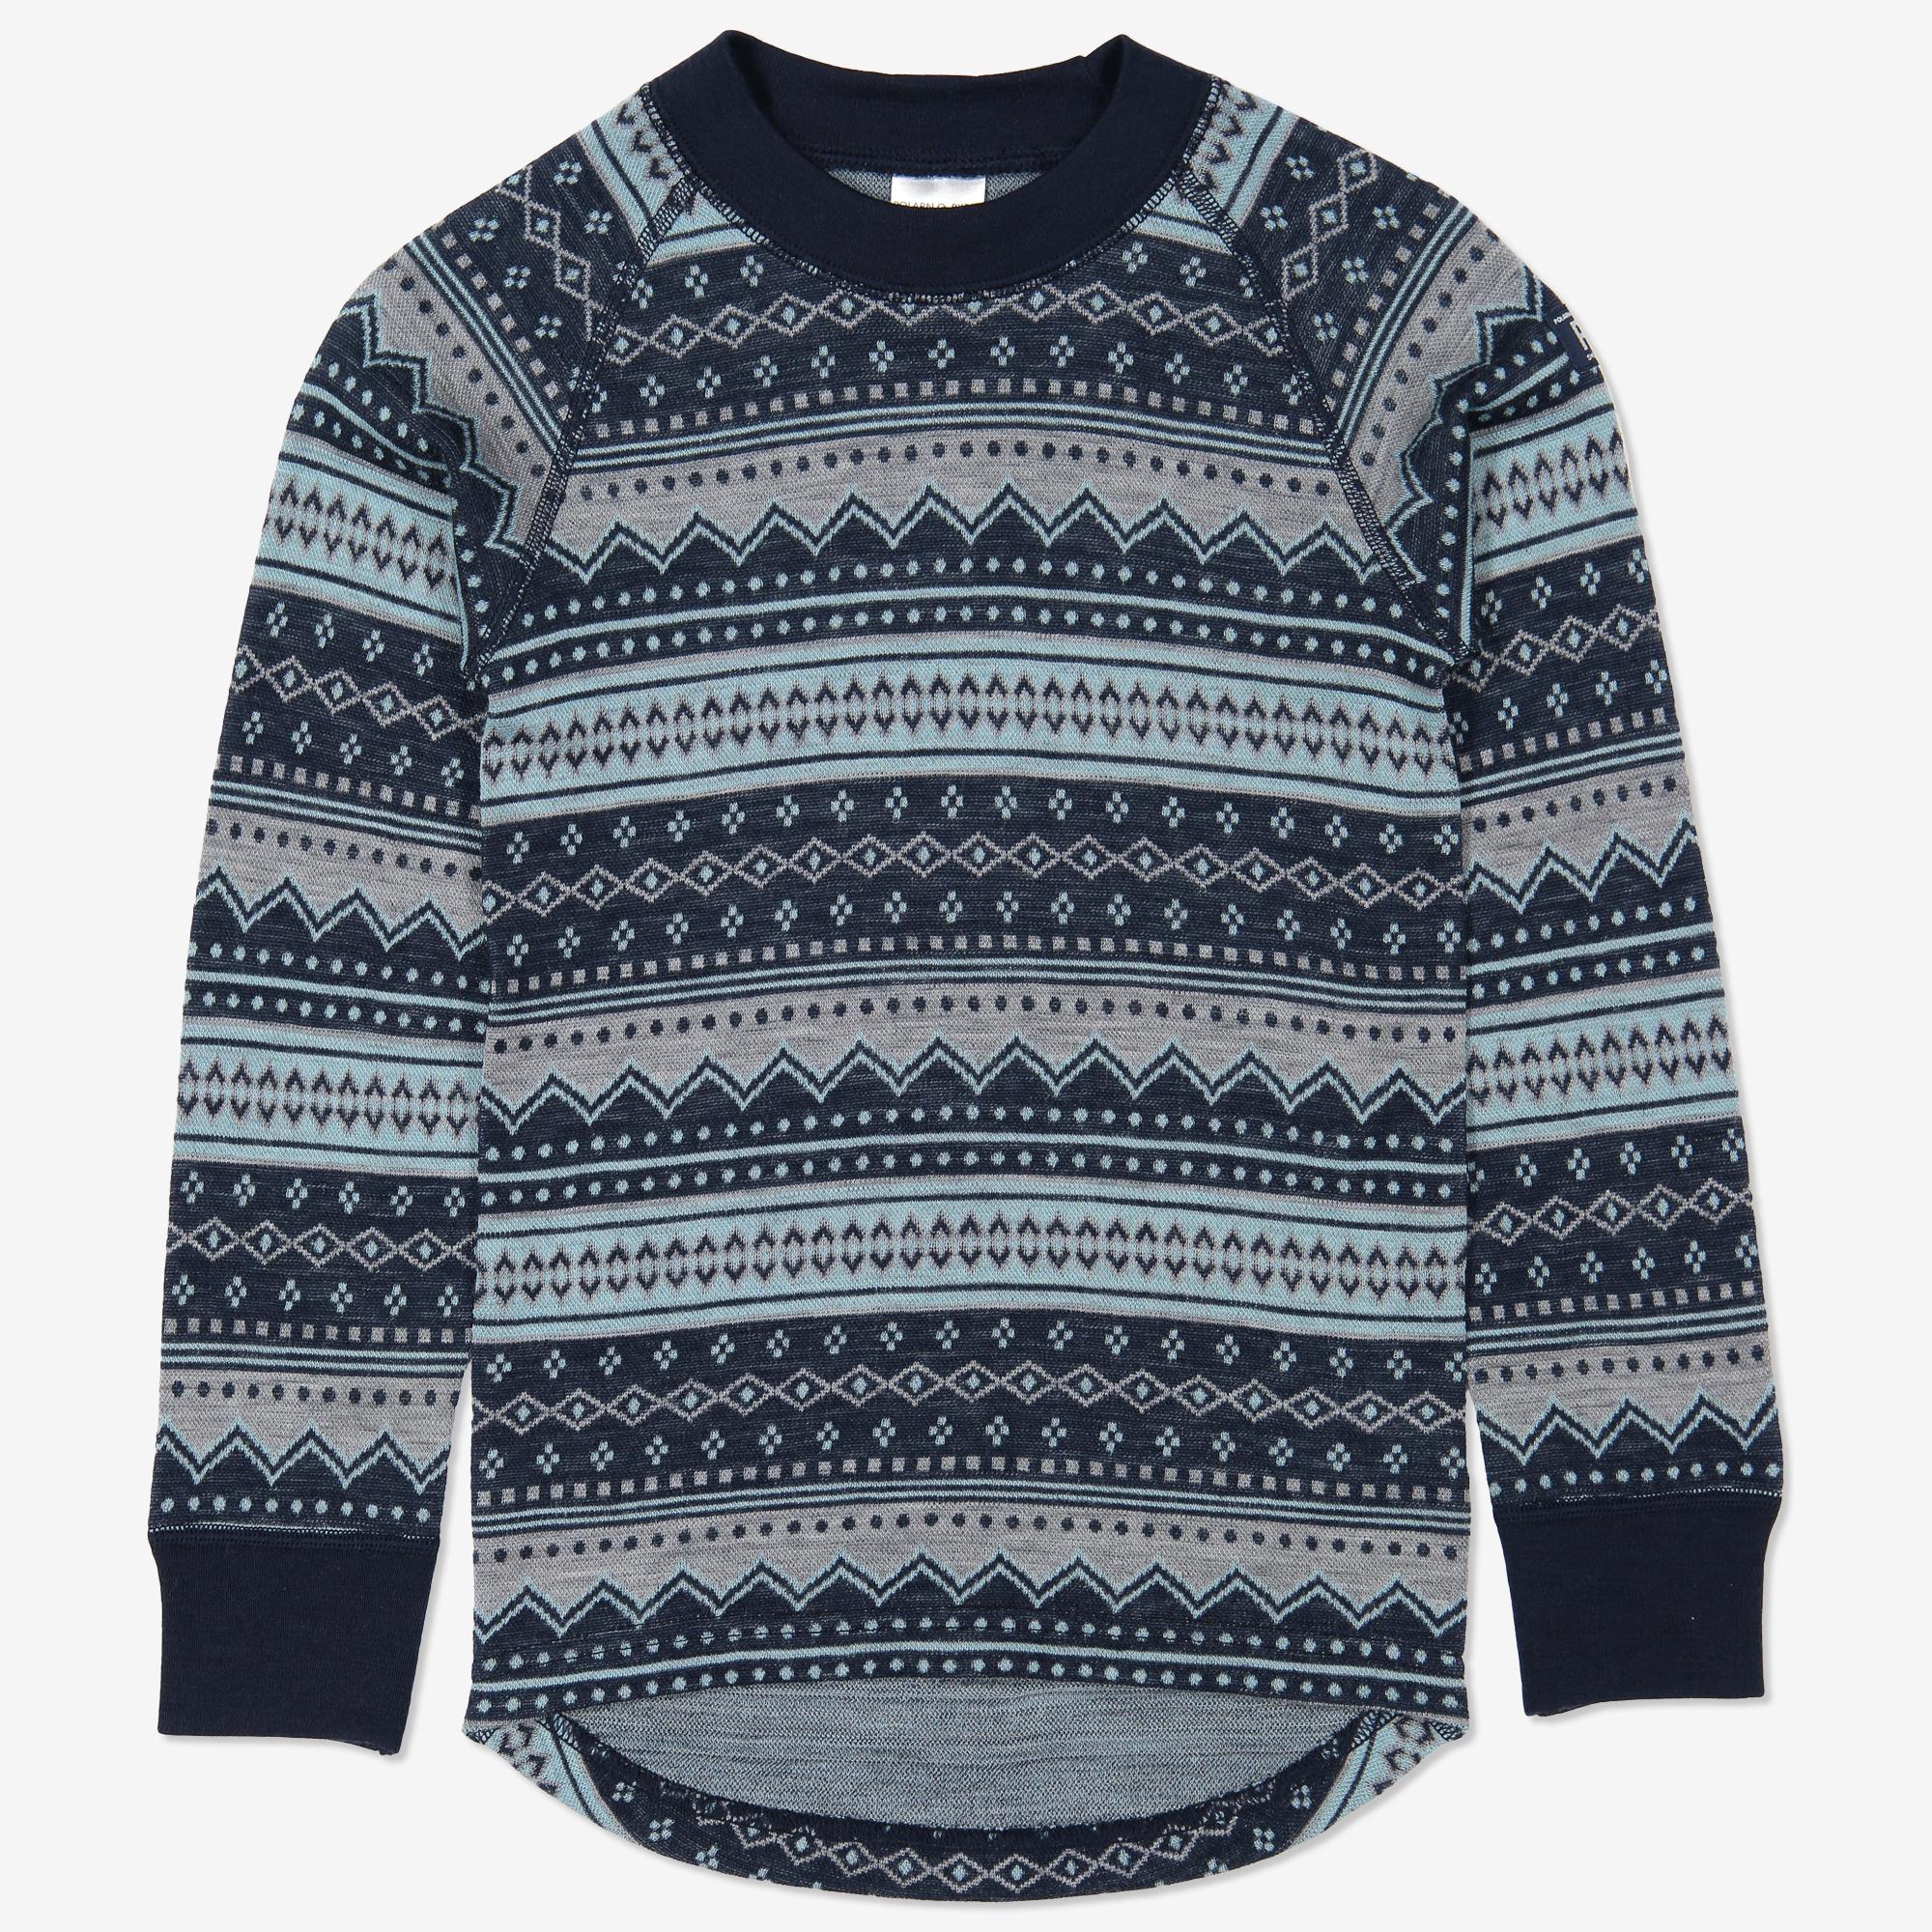 klær til barn nettbutikk drammen